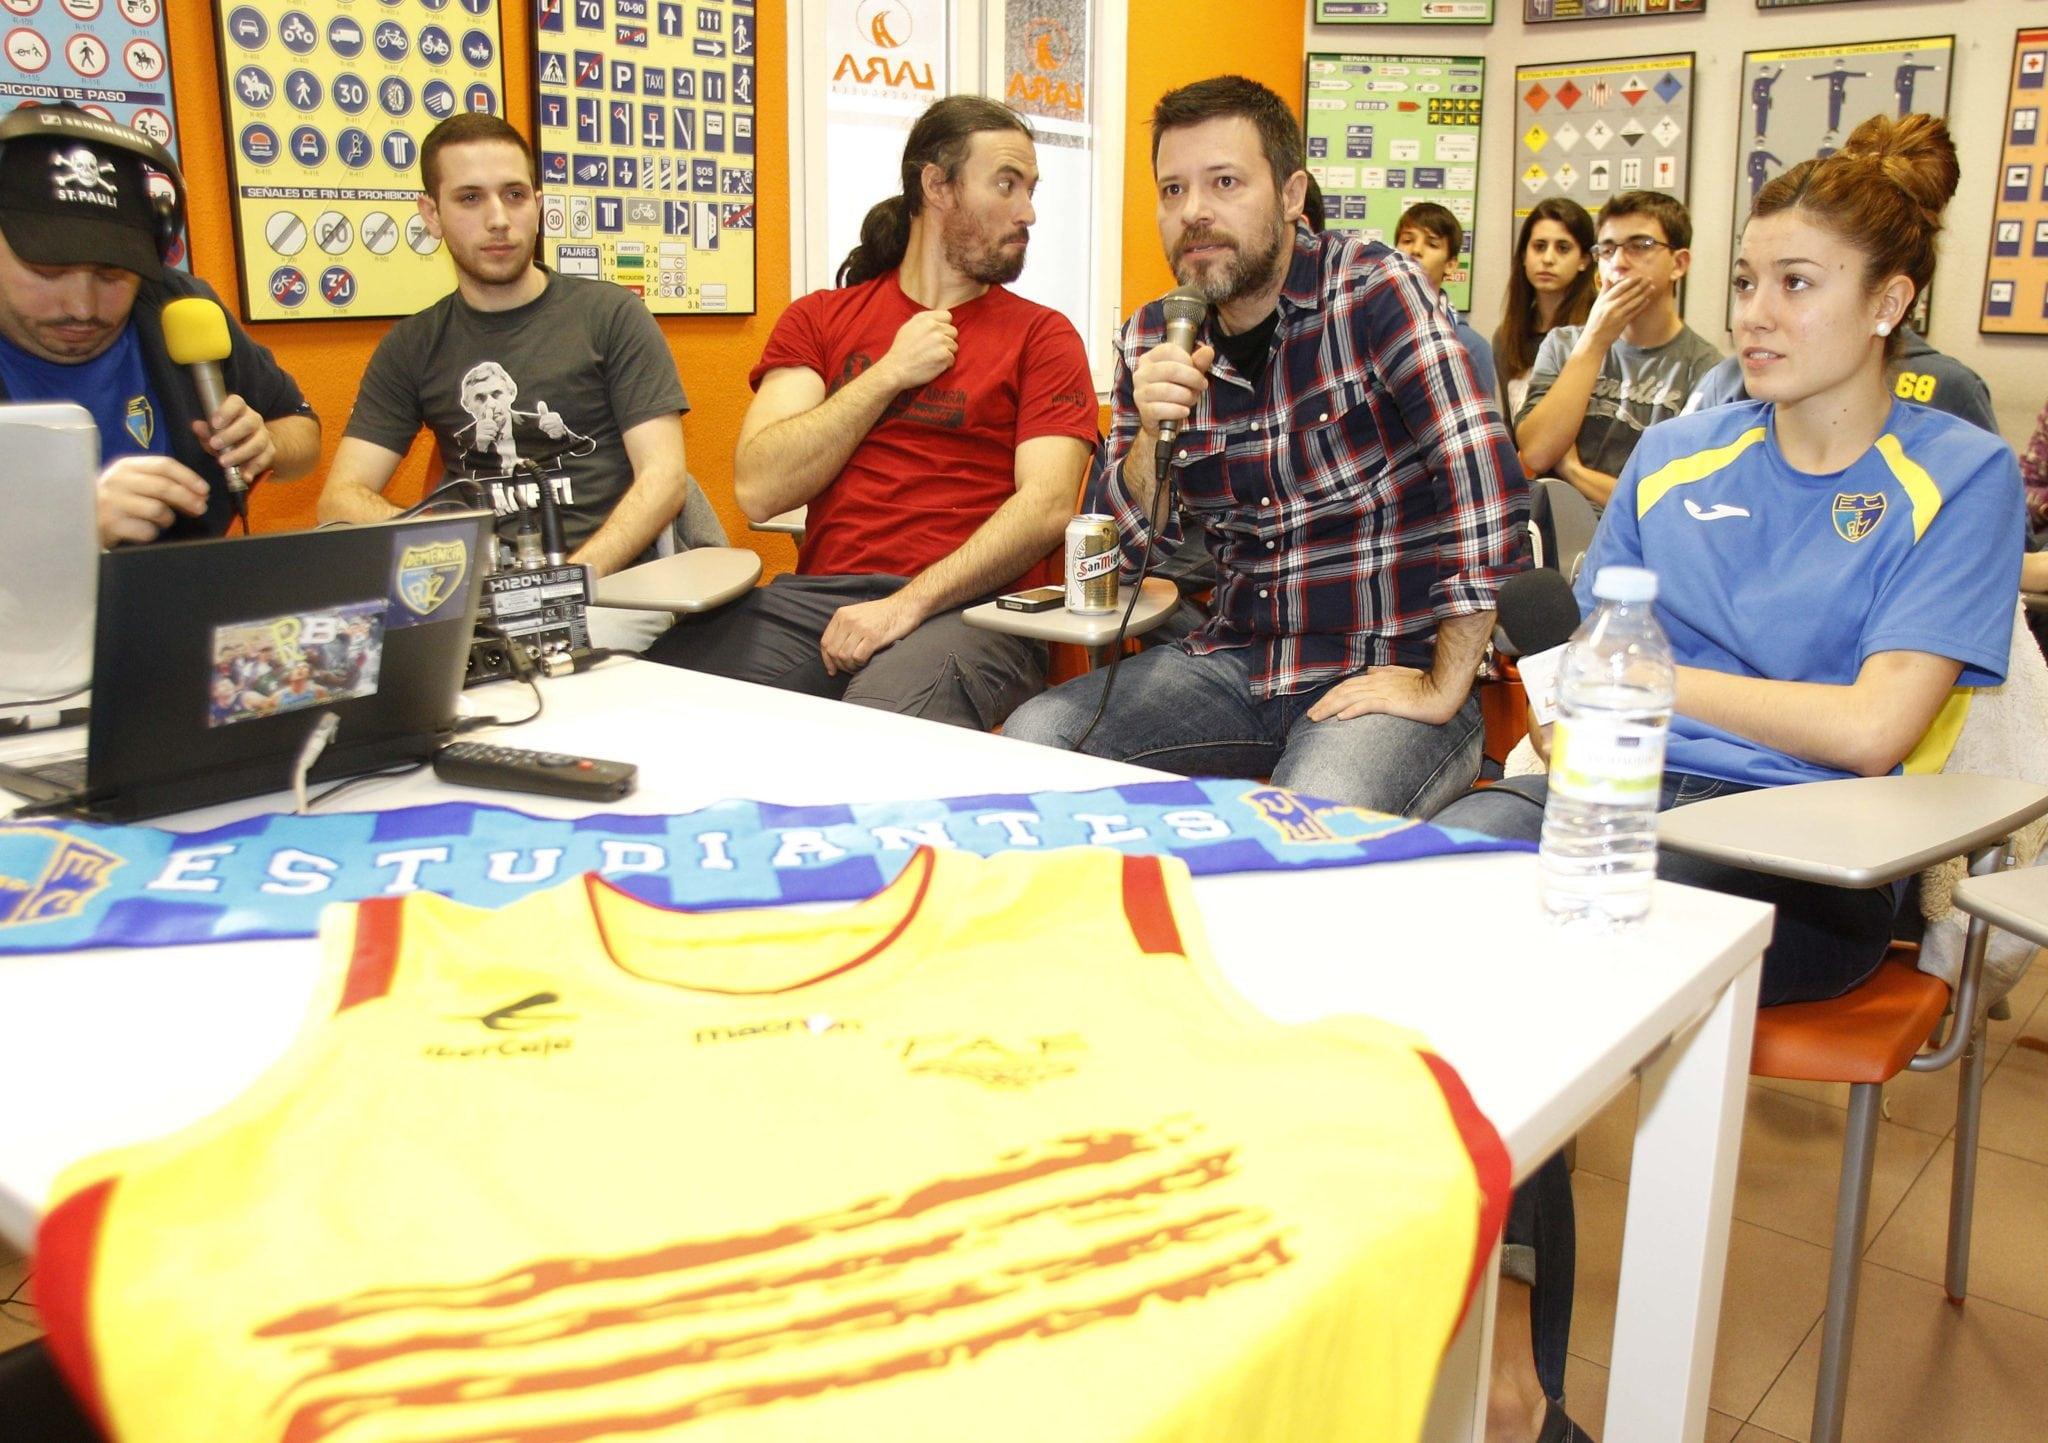 Vive el derbi más demente con Quequé, José Ajero, Jacobo Rivero y más en Autoescuela Lara a través de EstuRadio o streaming